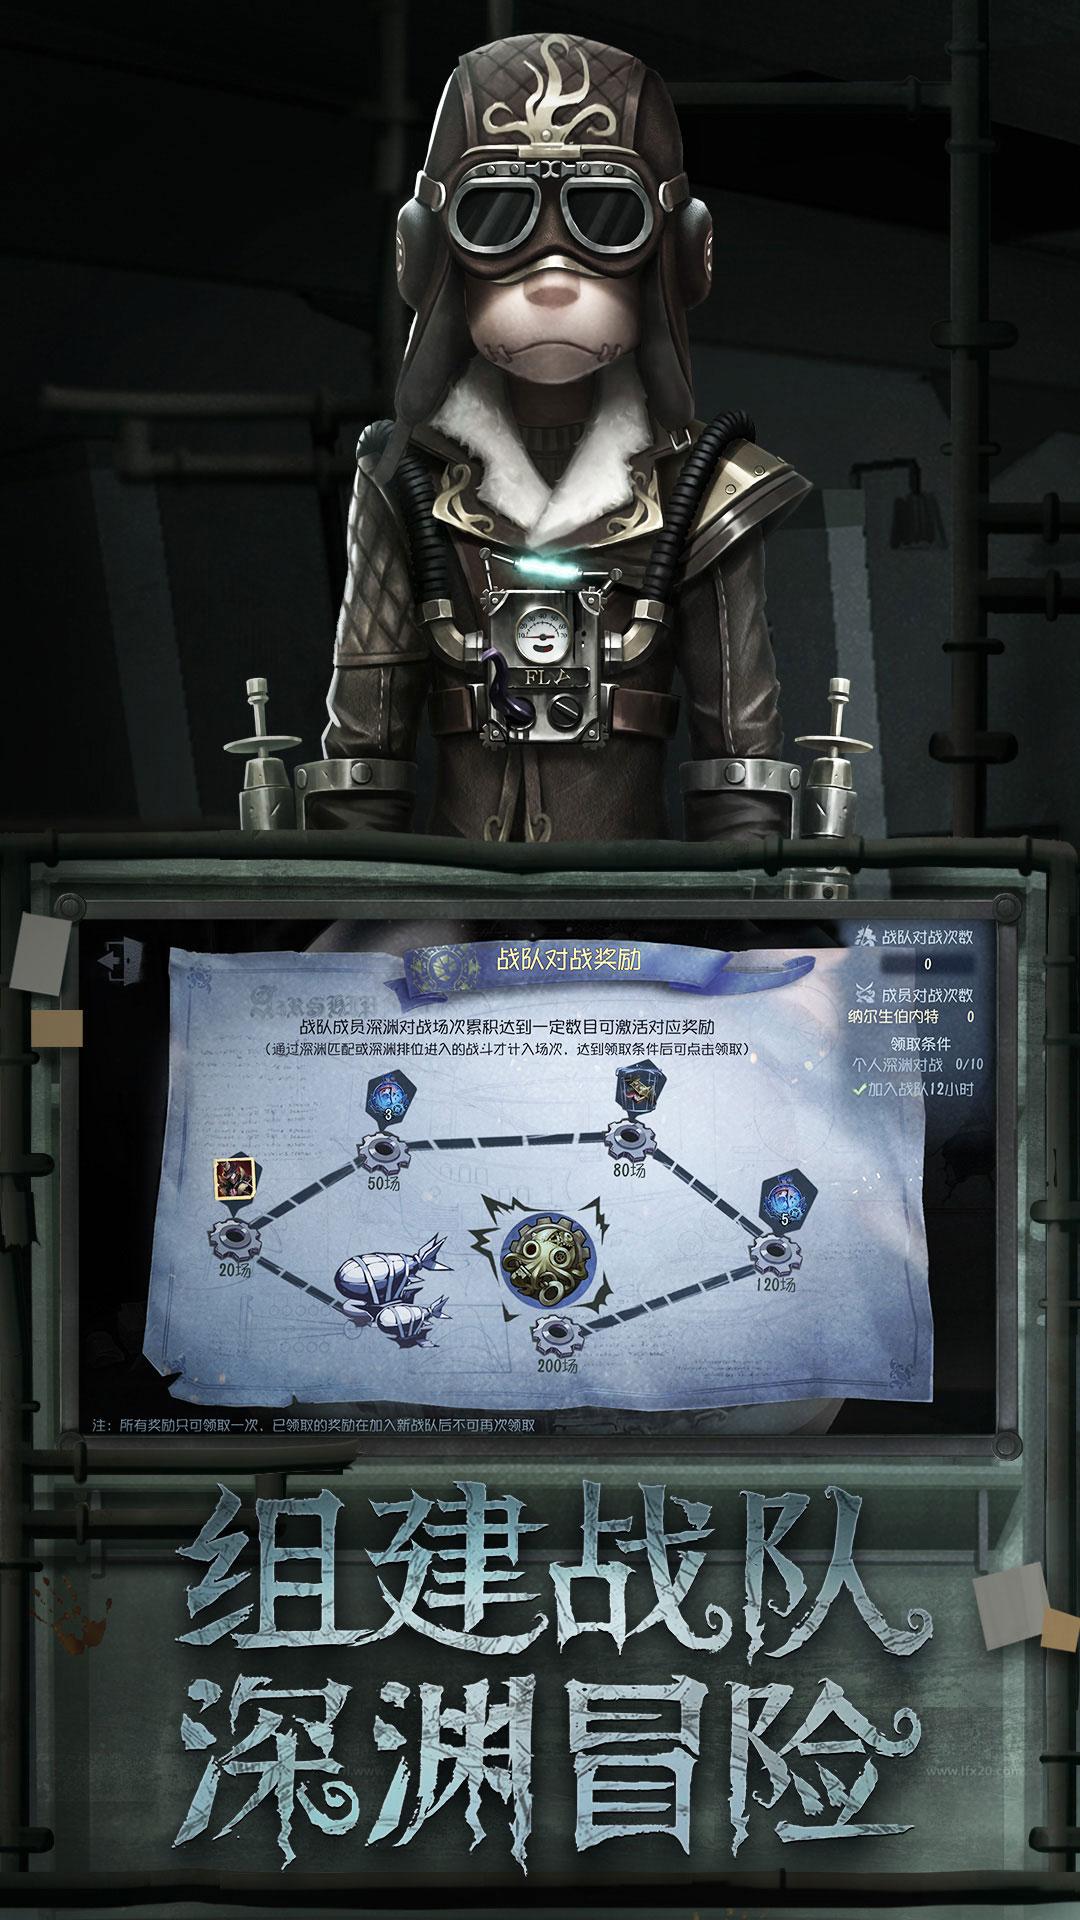 第五人格(生存类独立游戏)游戏截图